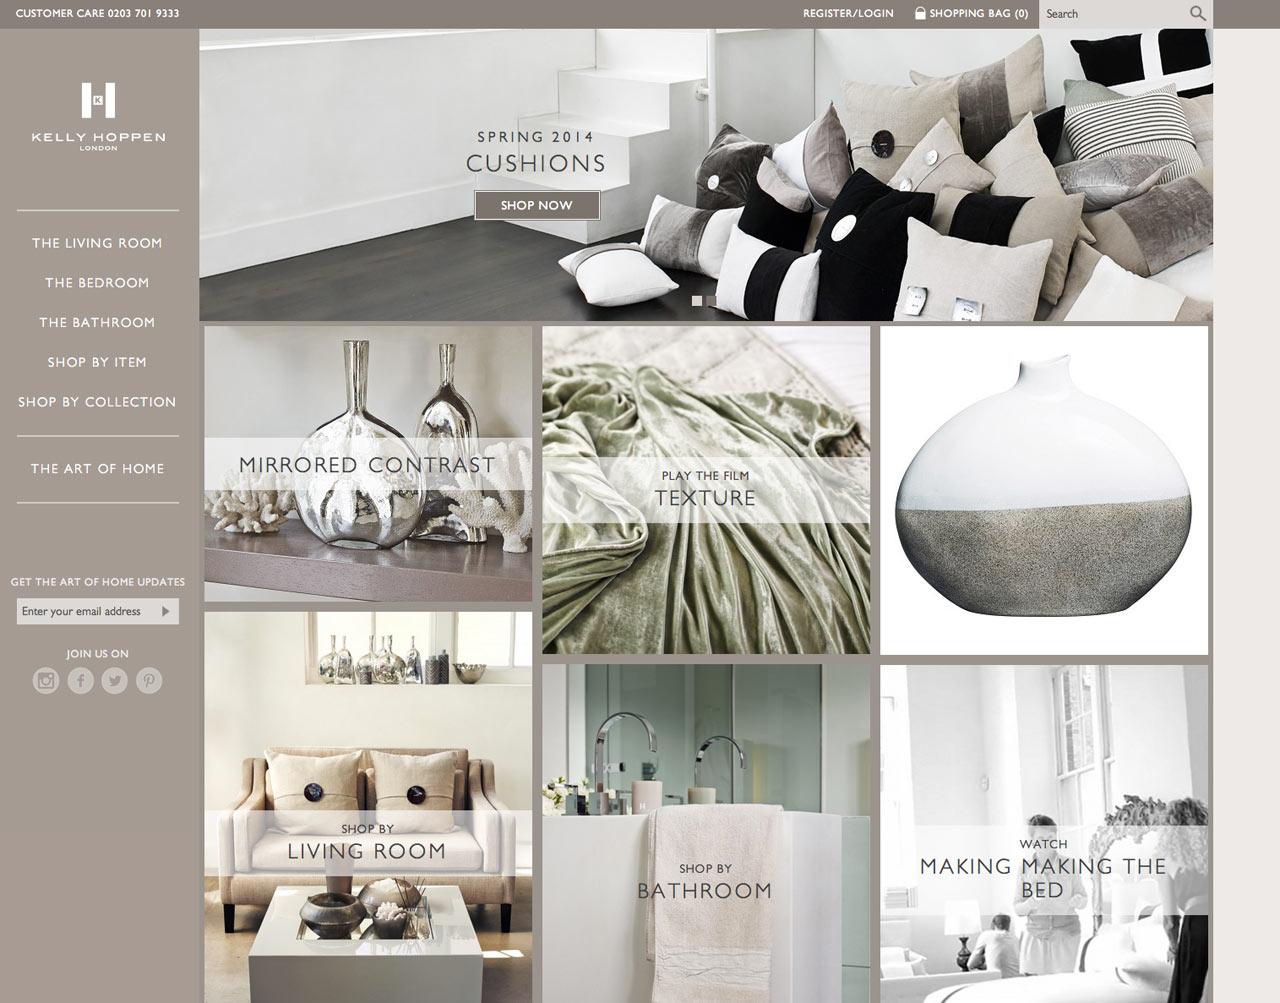 Kelly Hoppen Launches E-Commerce Site